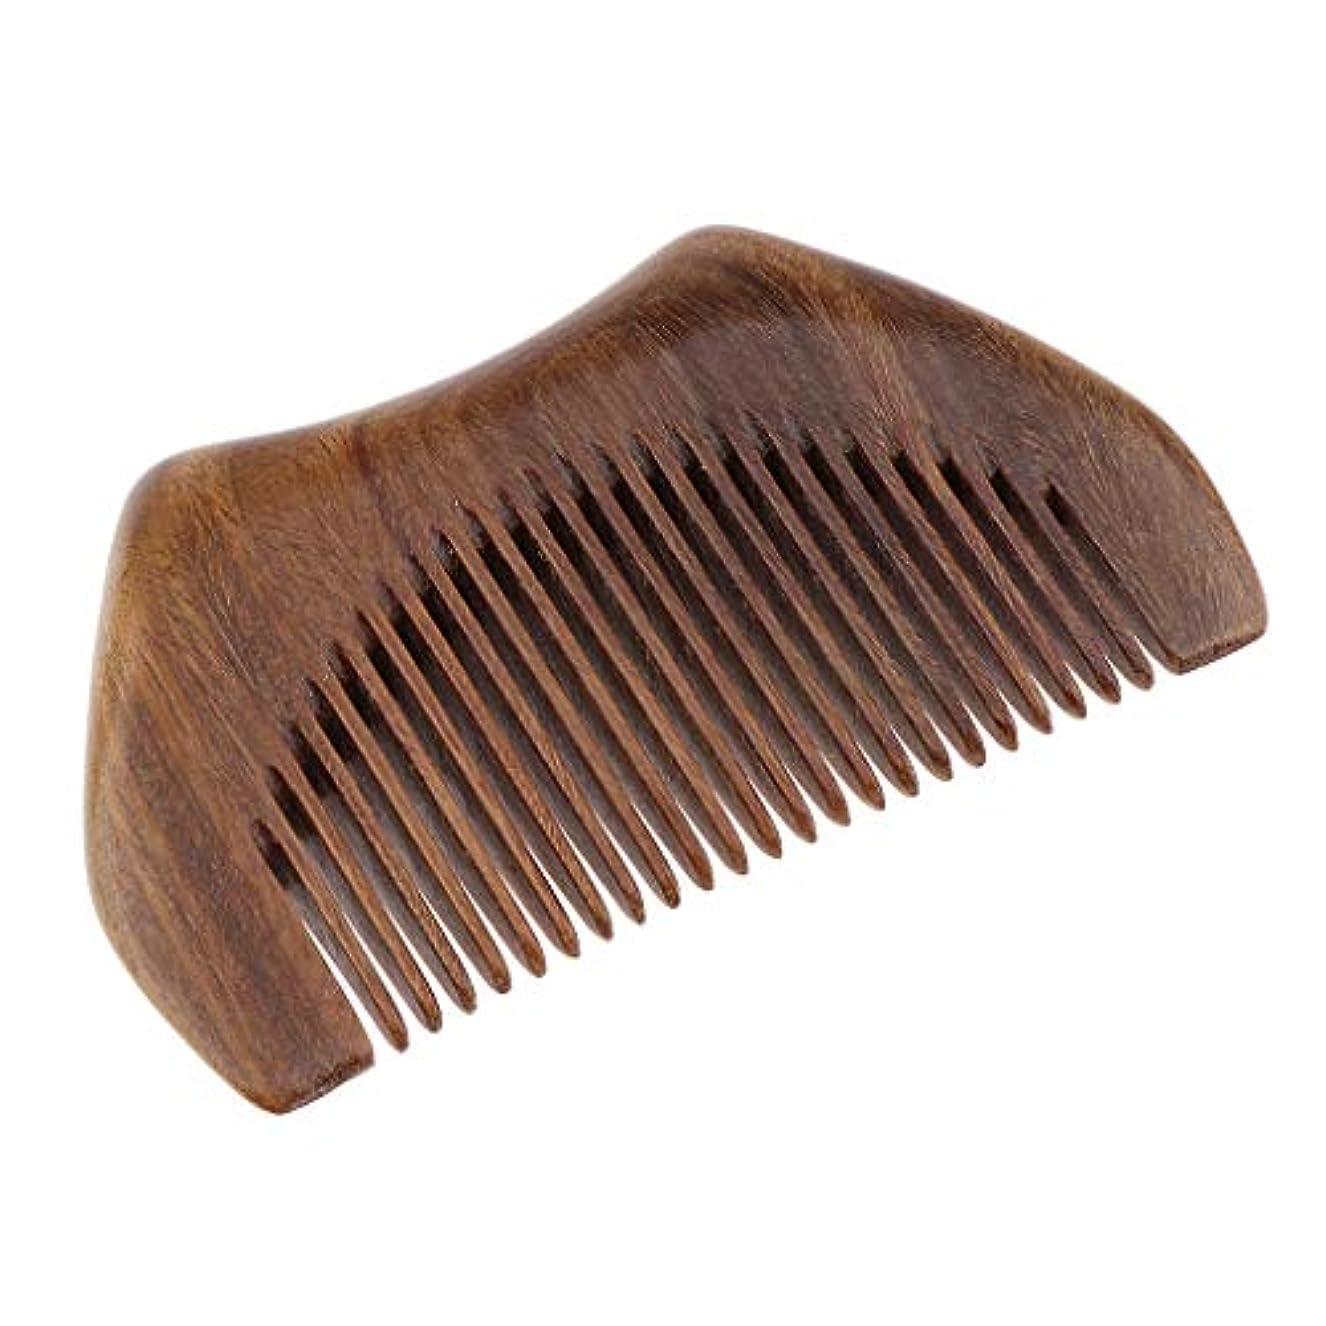 弾力性のあるしなやかな習字ヘアコーム 木製櫛 ヘアブラシ ヘアスタイリング マッサージャー プレゼント